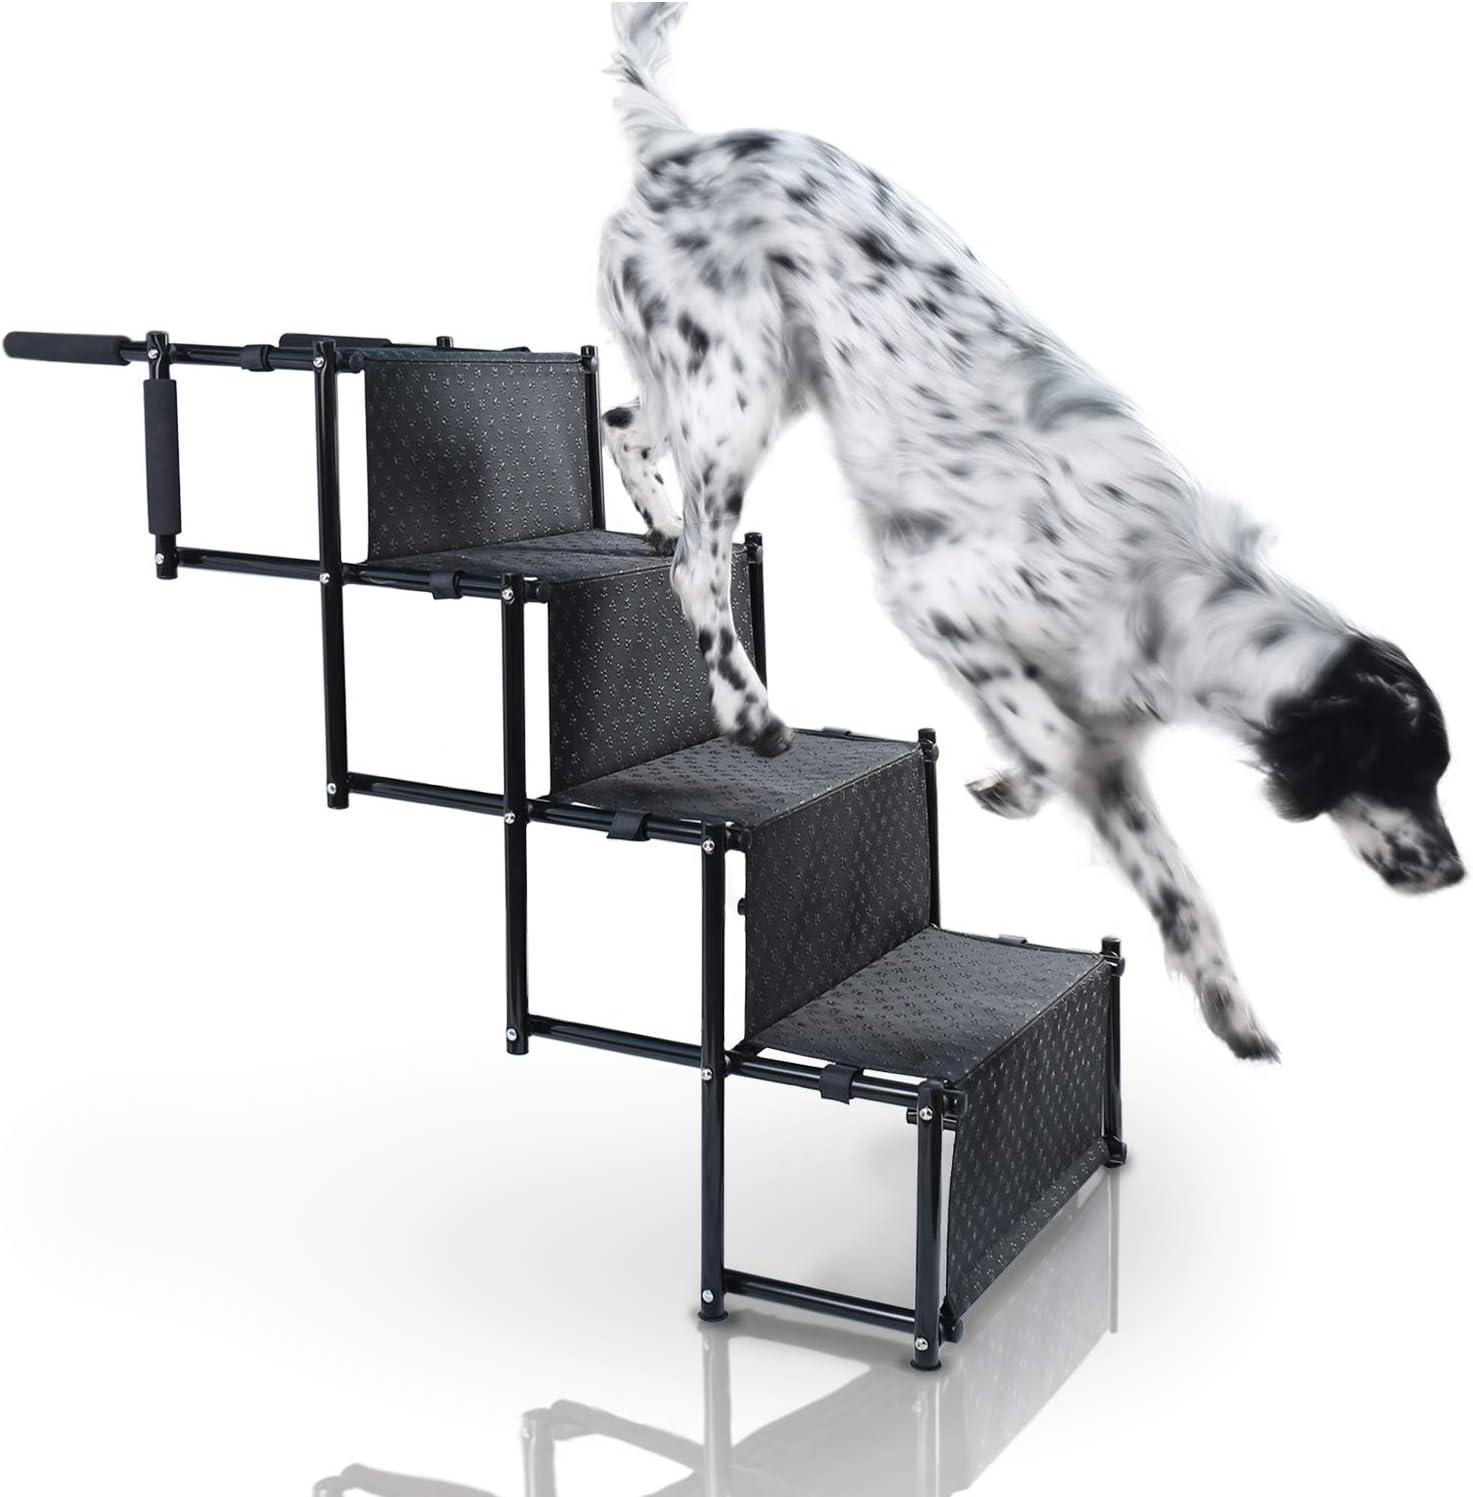 Bella & Balu Rampa para Perros Plegable – Escalera de Perro para Ayudar en la Entrada y Salida del Coche.